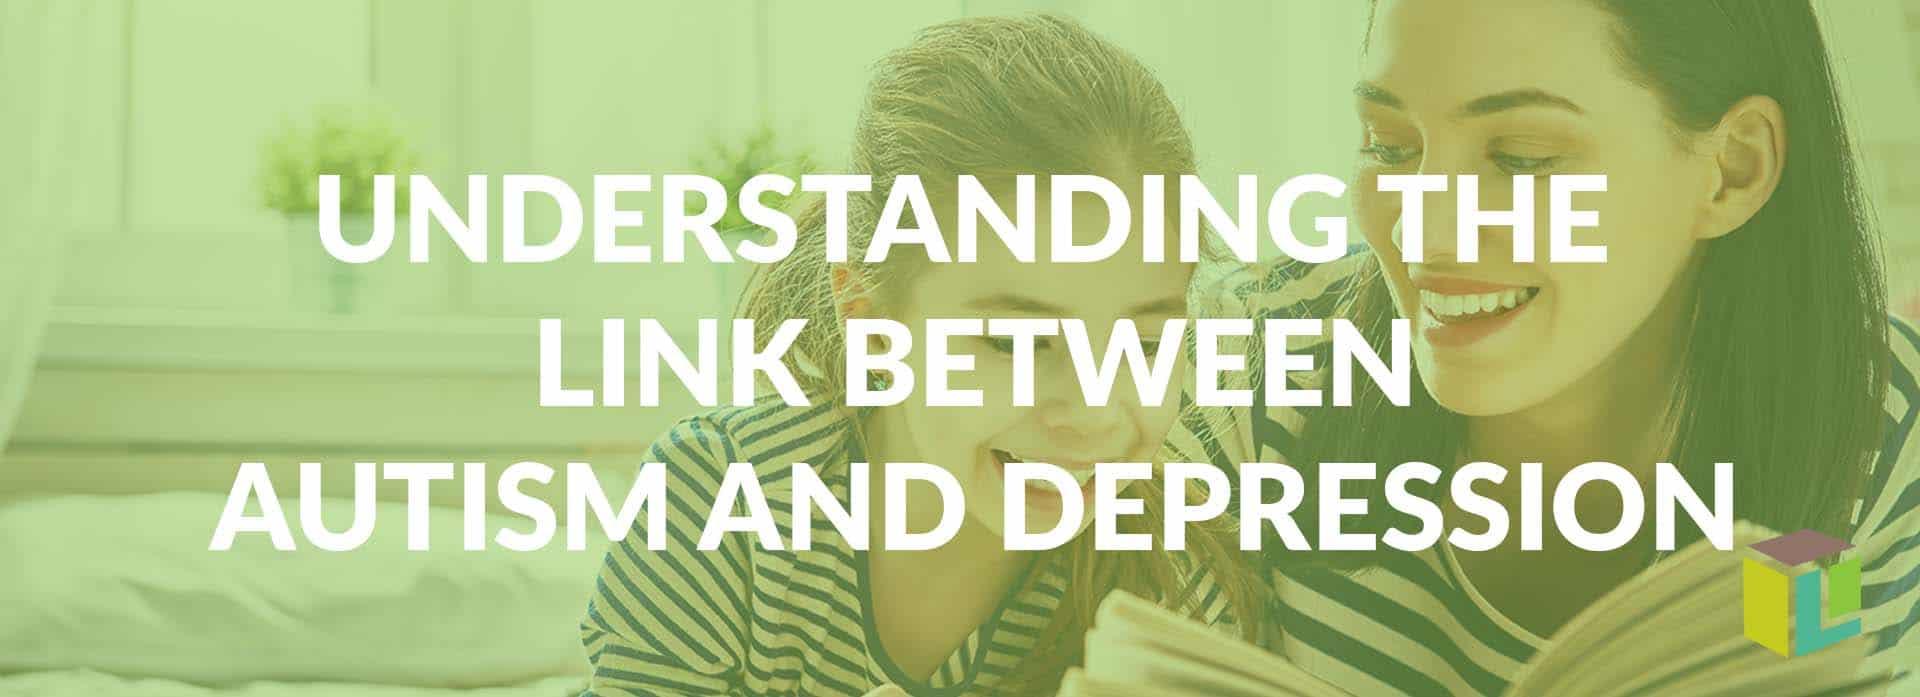 Understanding The Link Between Autism And Depression